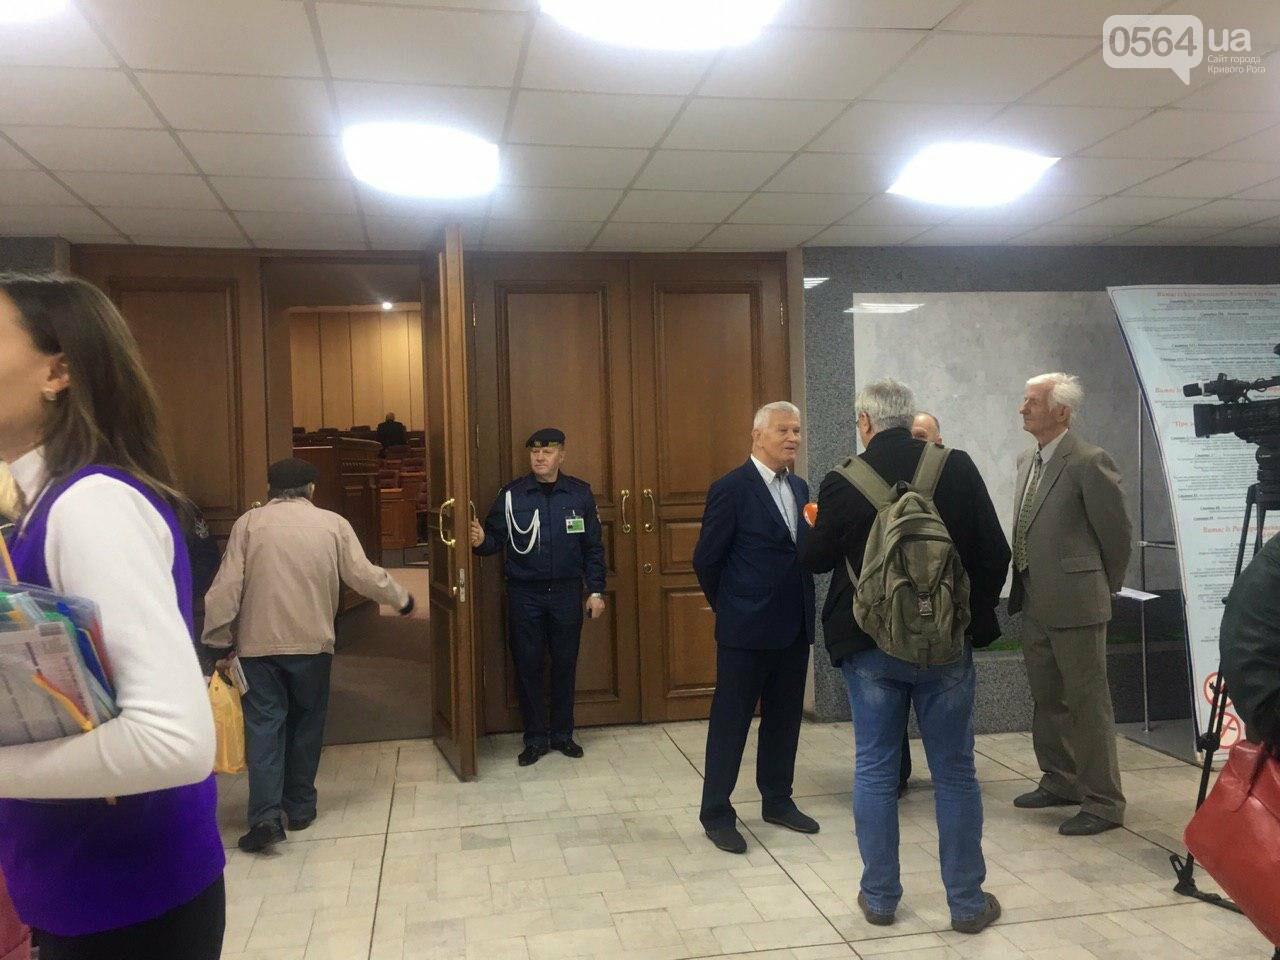 """На торжественном приеме мэр рассказал пожилым людям о развитии среднего бизнеса и """"карте криворожанина"""", - ФОТО, ВИДЕО, фото-39"""